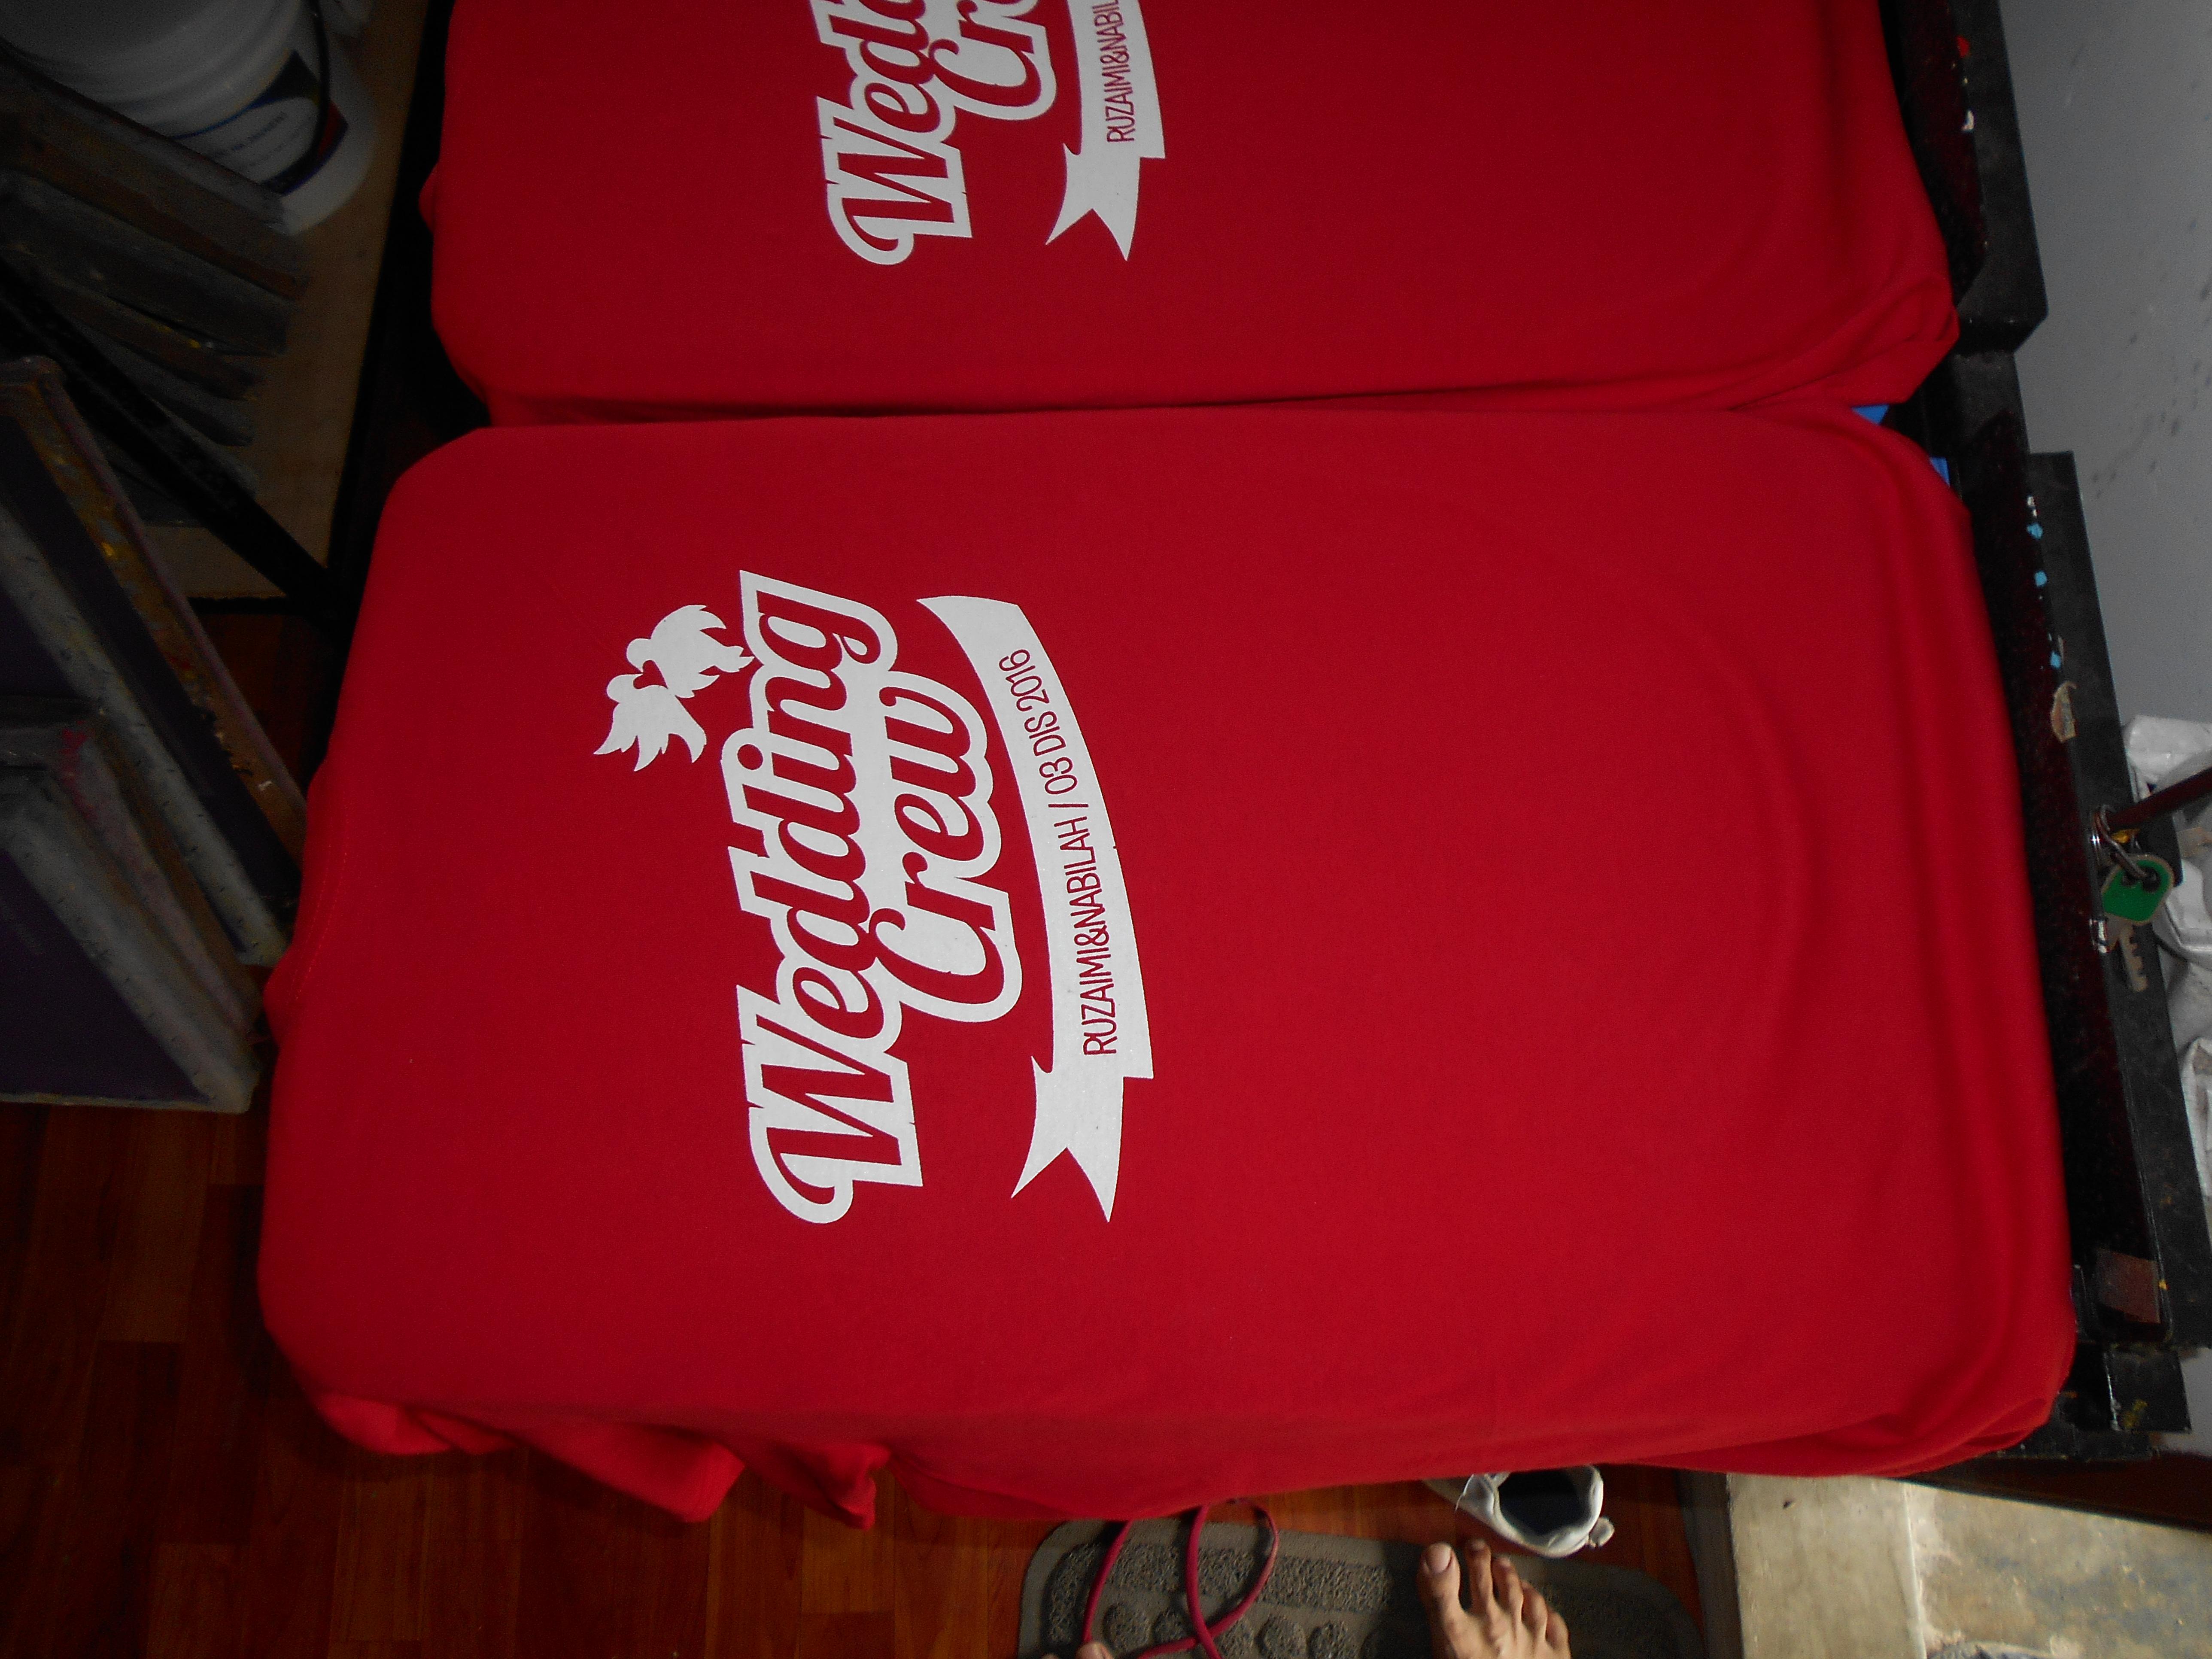 Designs contoh baju t shirt design baju berkolar shirt berkolar - Contoh Tshirt Rewang Yang Kitaorang Siapkan Baru2 Ni Macam2 Lagi Stail Contoh Design Tshirt Rewang Kalau Anda Nak Order